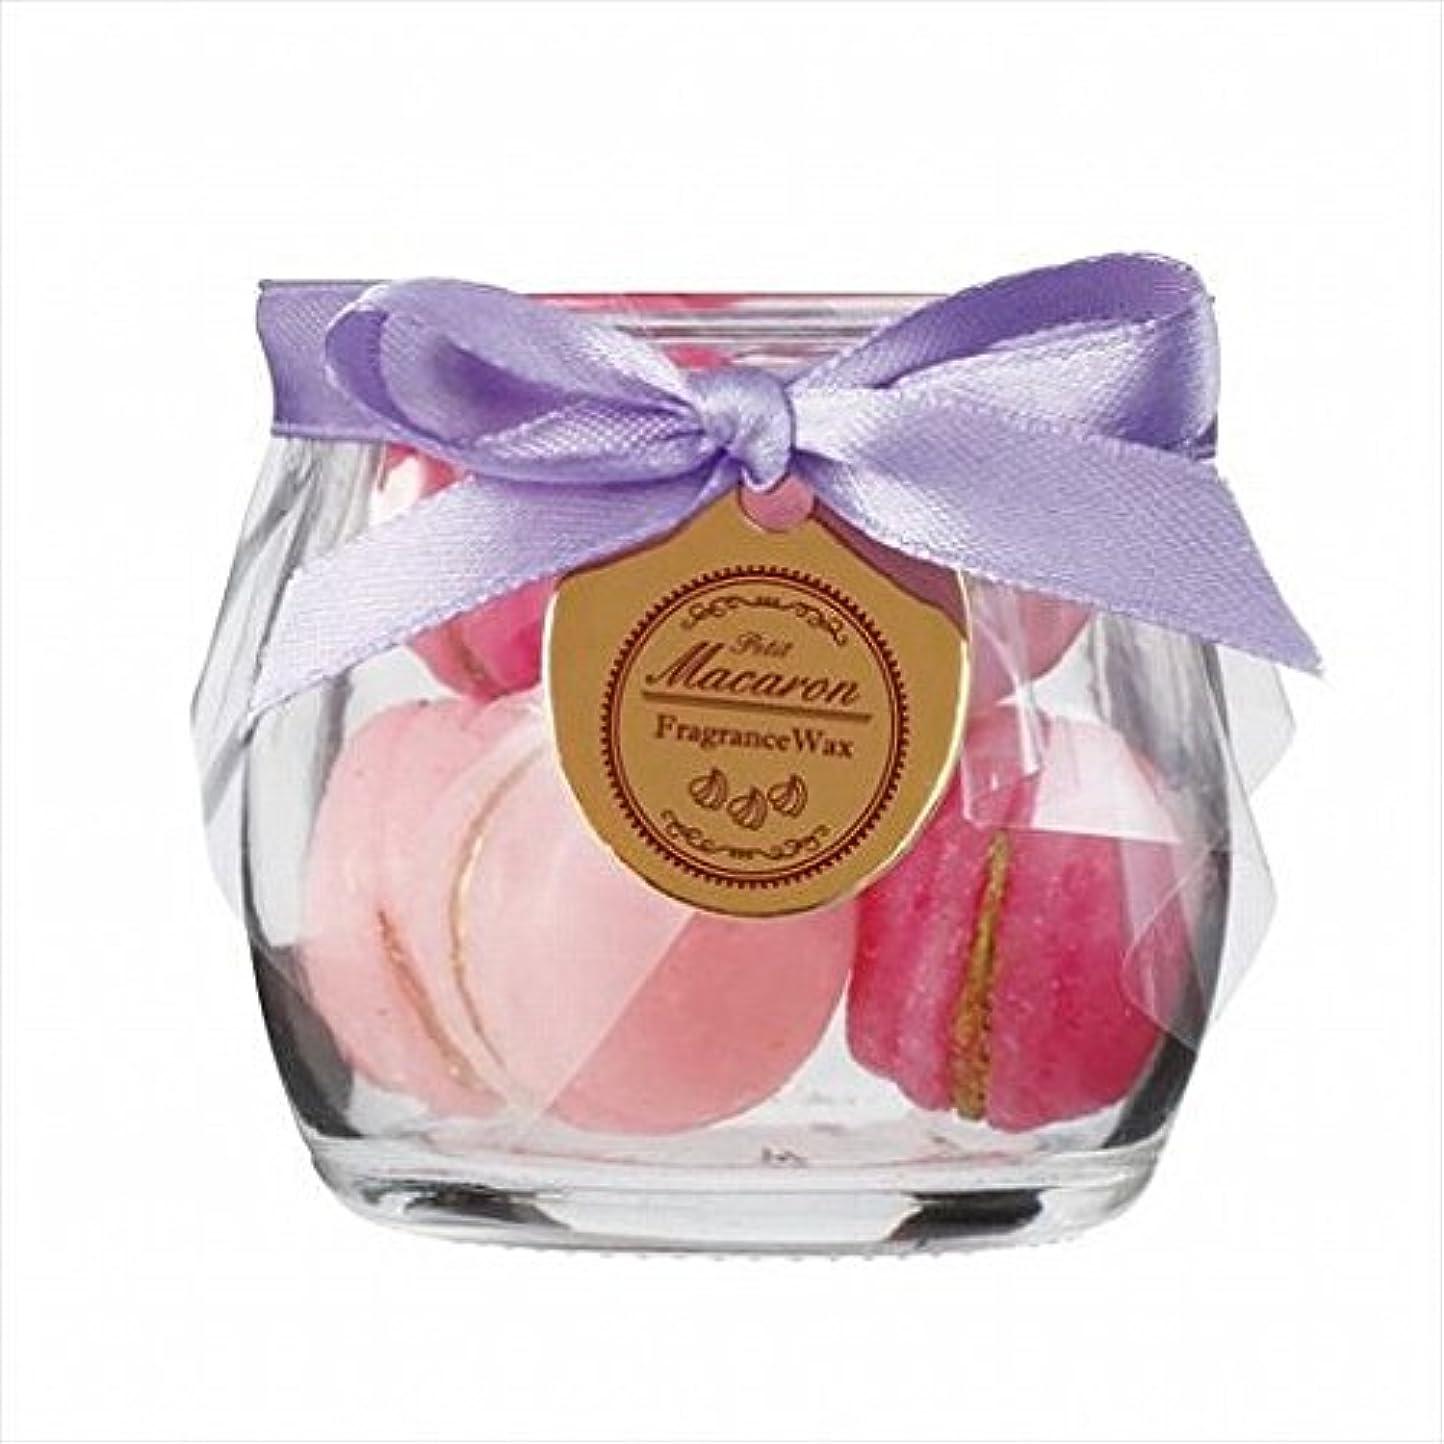 無効切り下げ従者sweets candle(スイーツキャンドル) プチマカロンフレグランス 「 バニラ 」 キャンドル 60x60x56mm (A3160550)